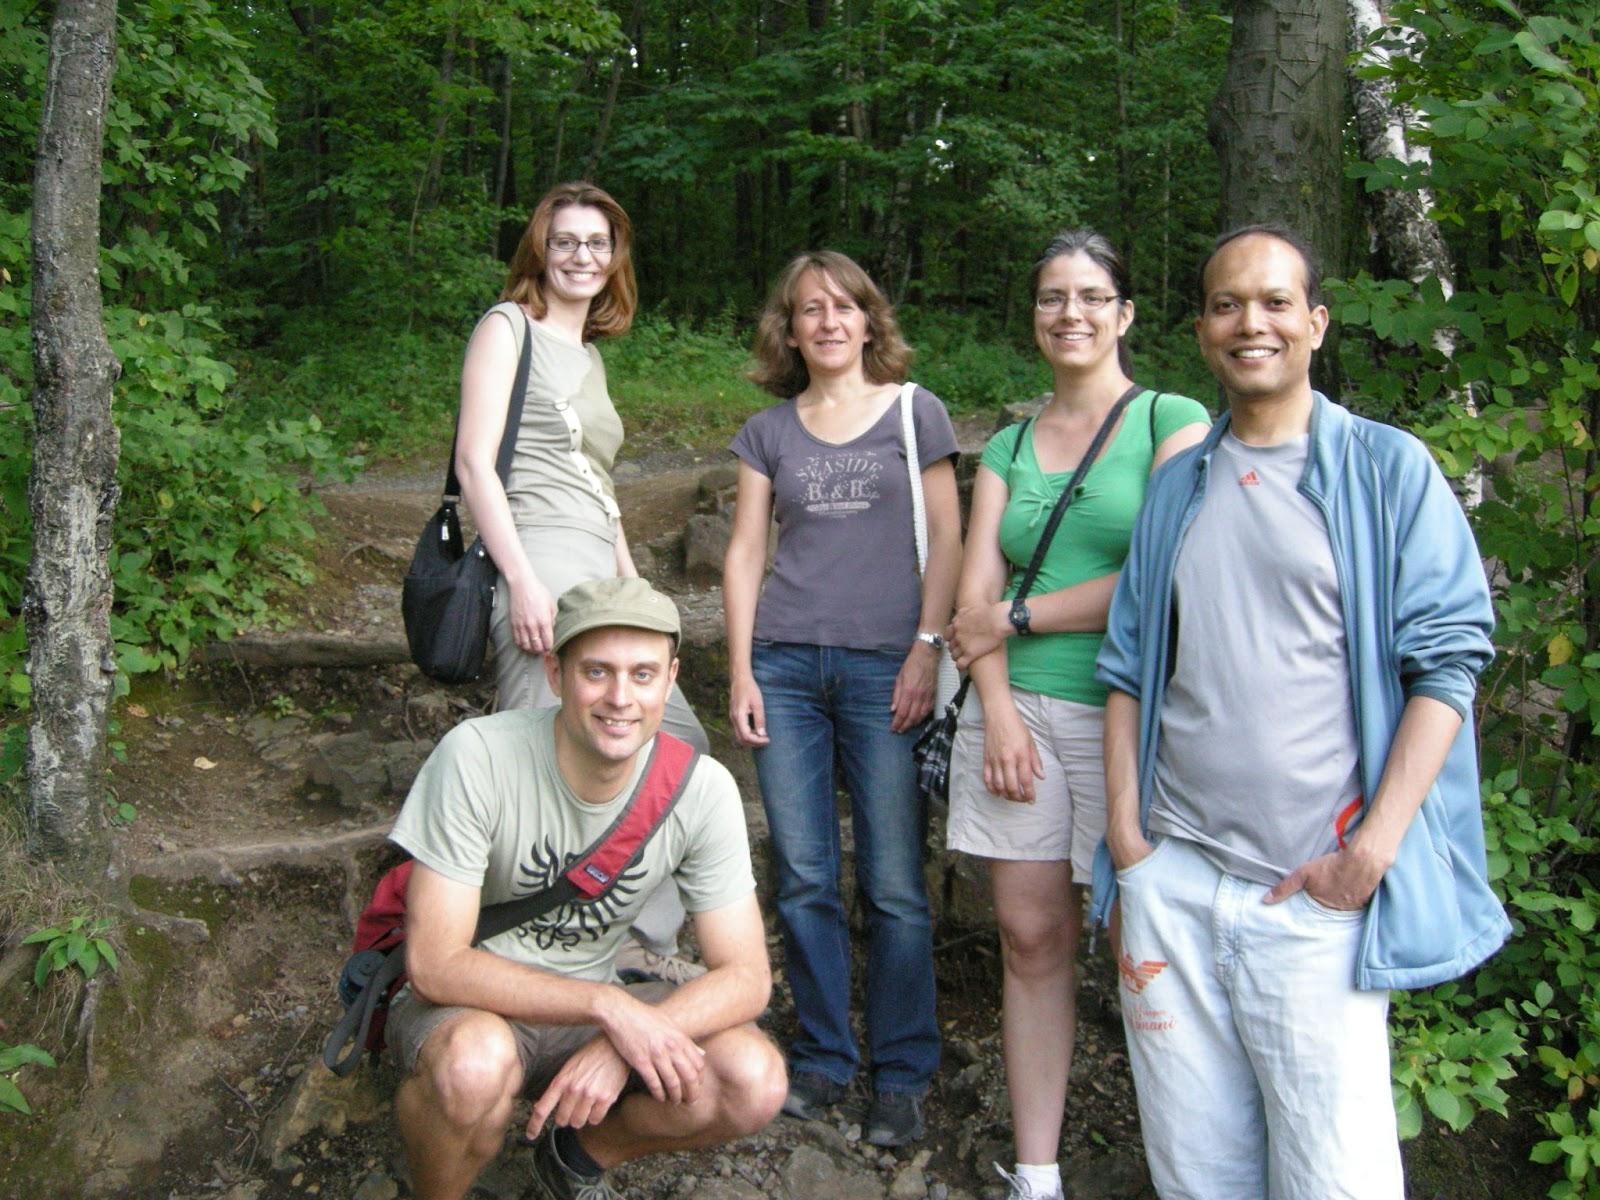 Groupe rencontre plein air